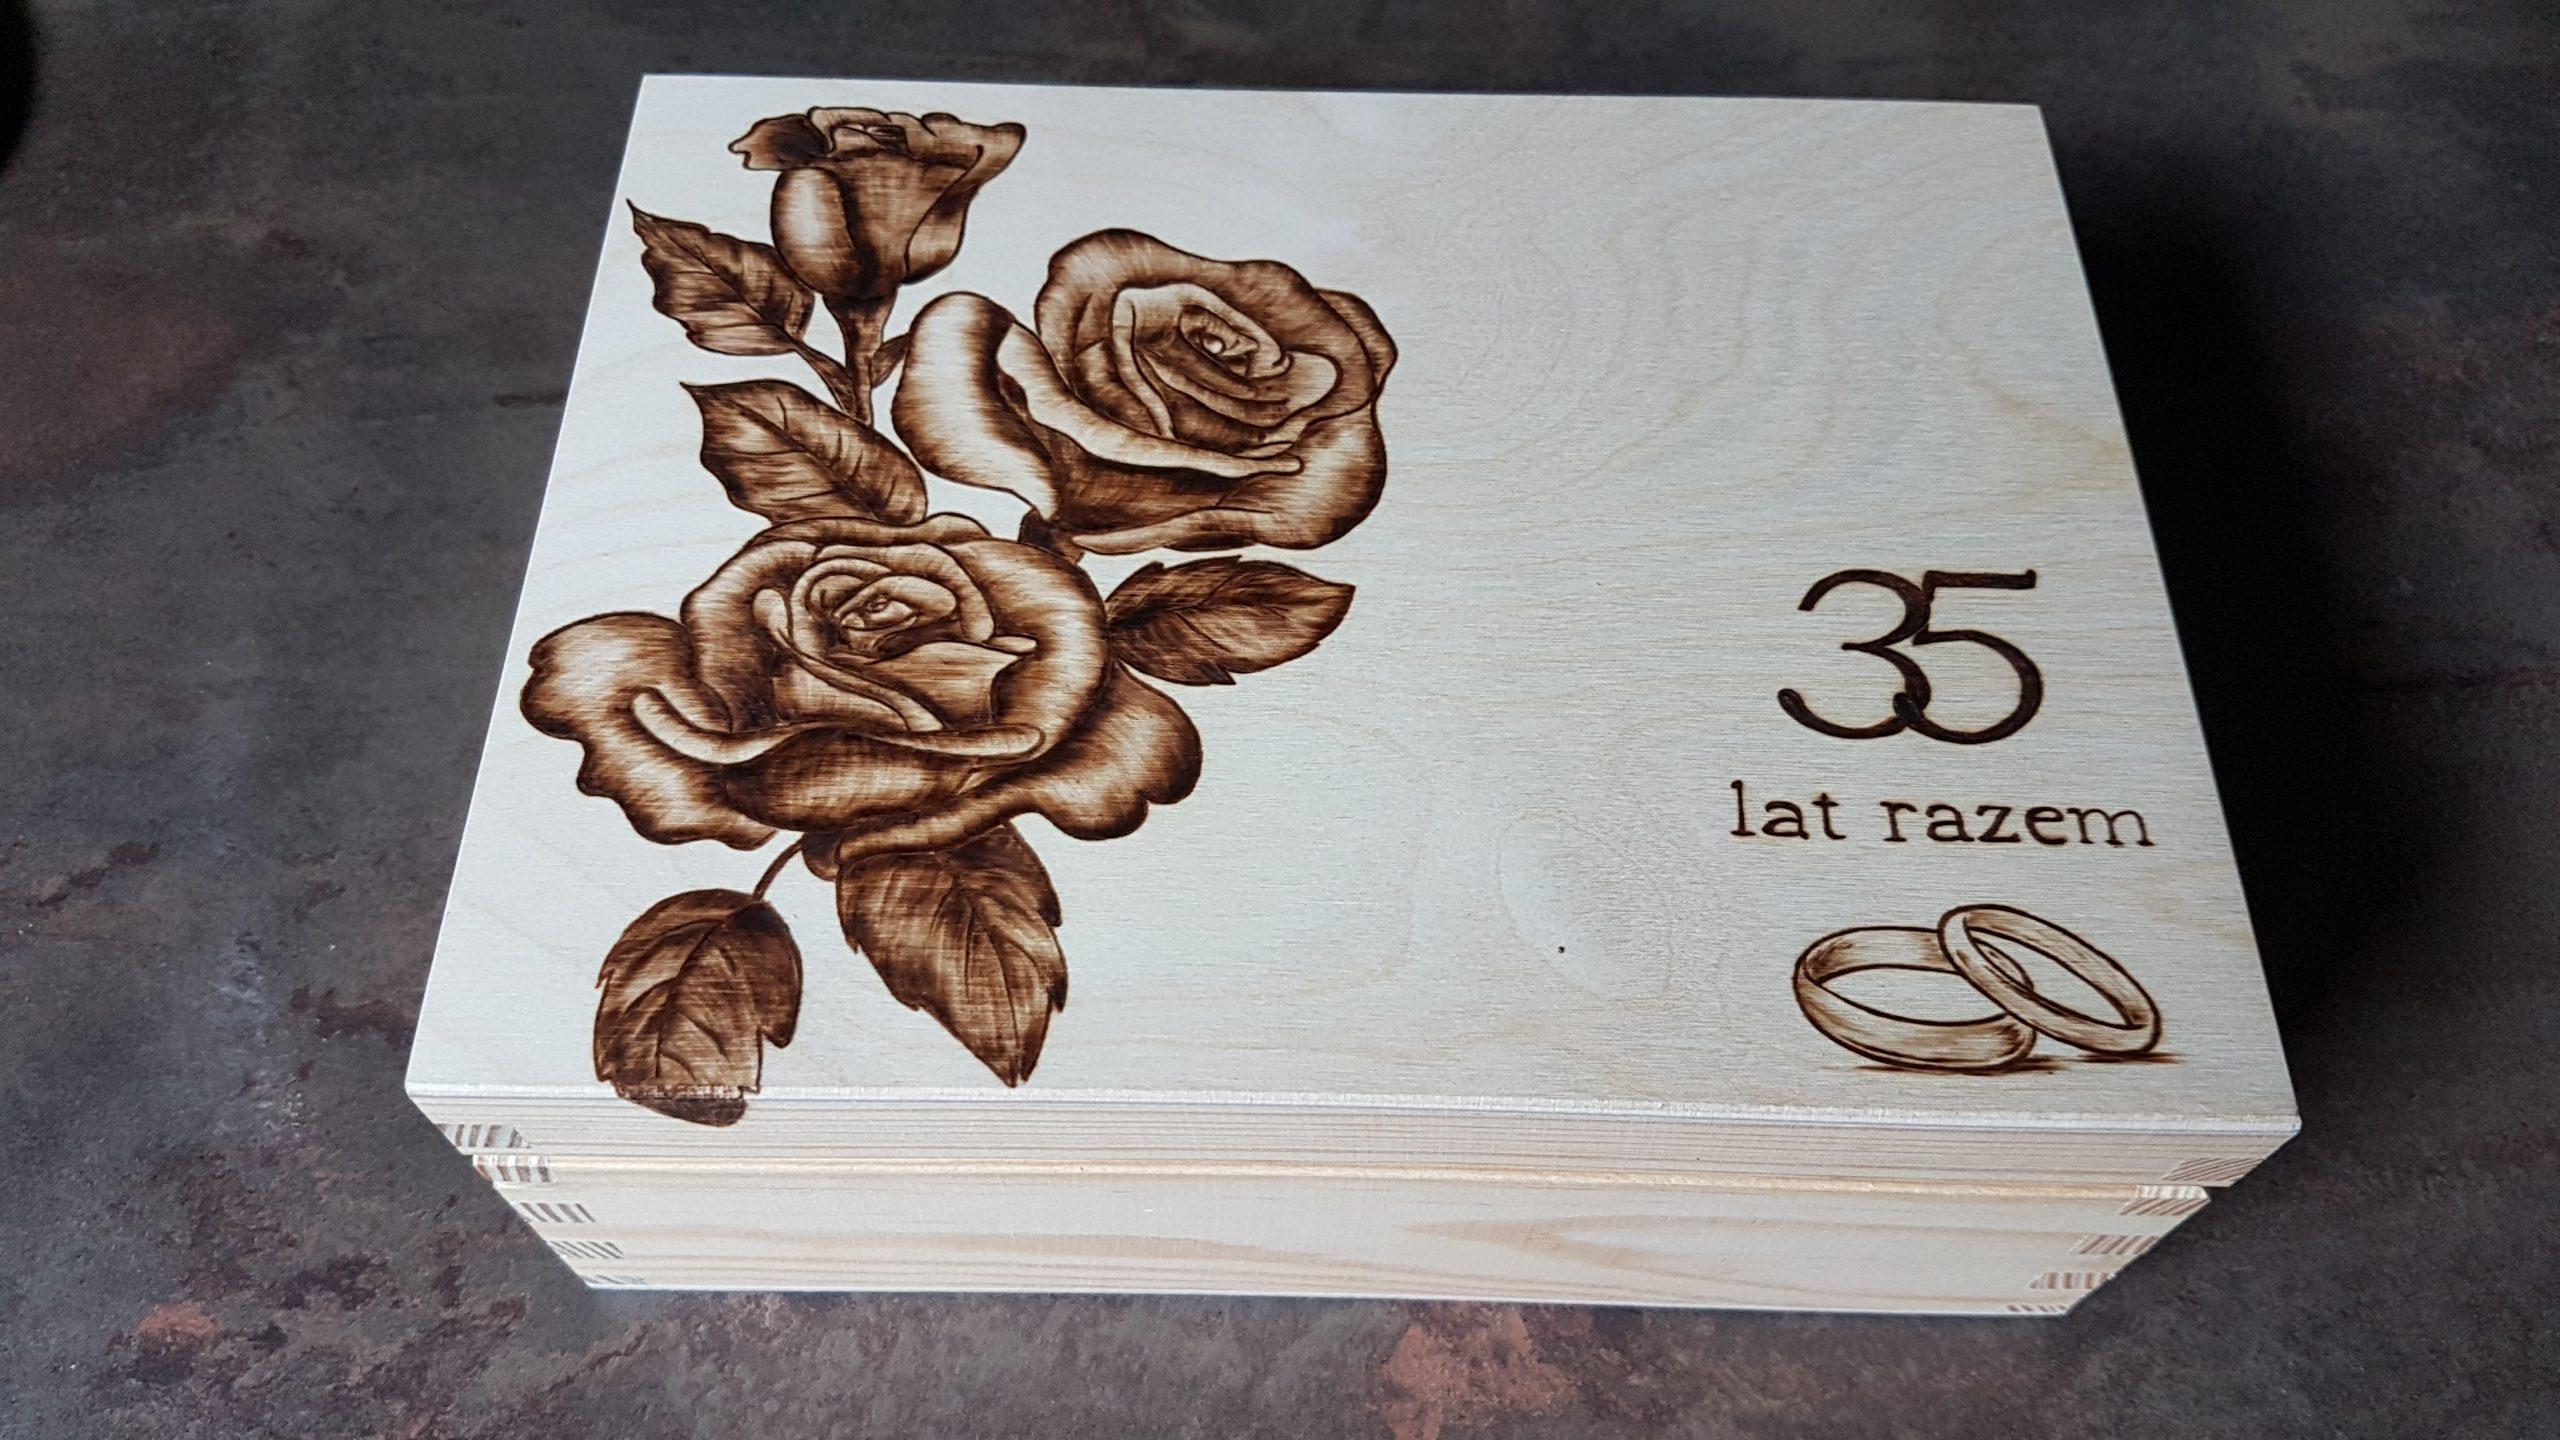 wypalanie w drewnie, sylwia, pirografia, janczyszyn, pyrography, handmade, rękodzieło, pomysł na prezent, pudełko na herbatę, pamiątka na rocznicę